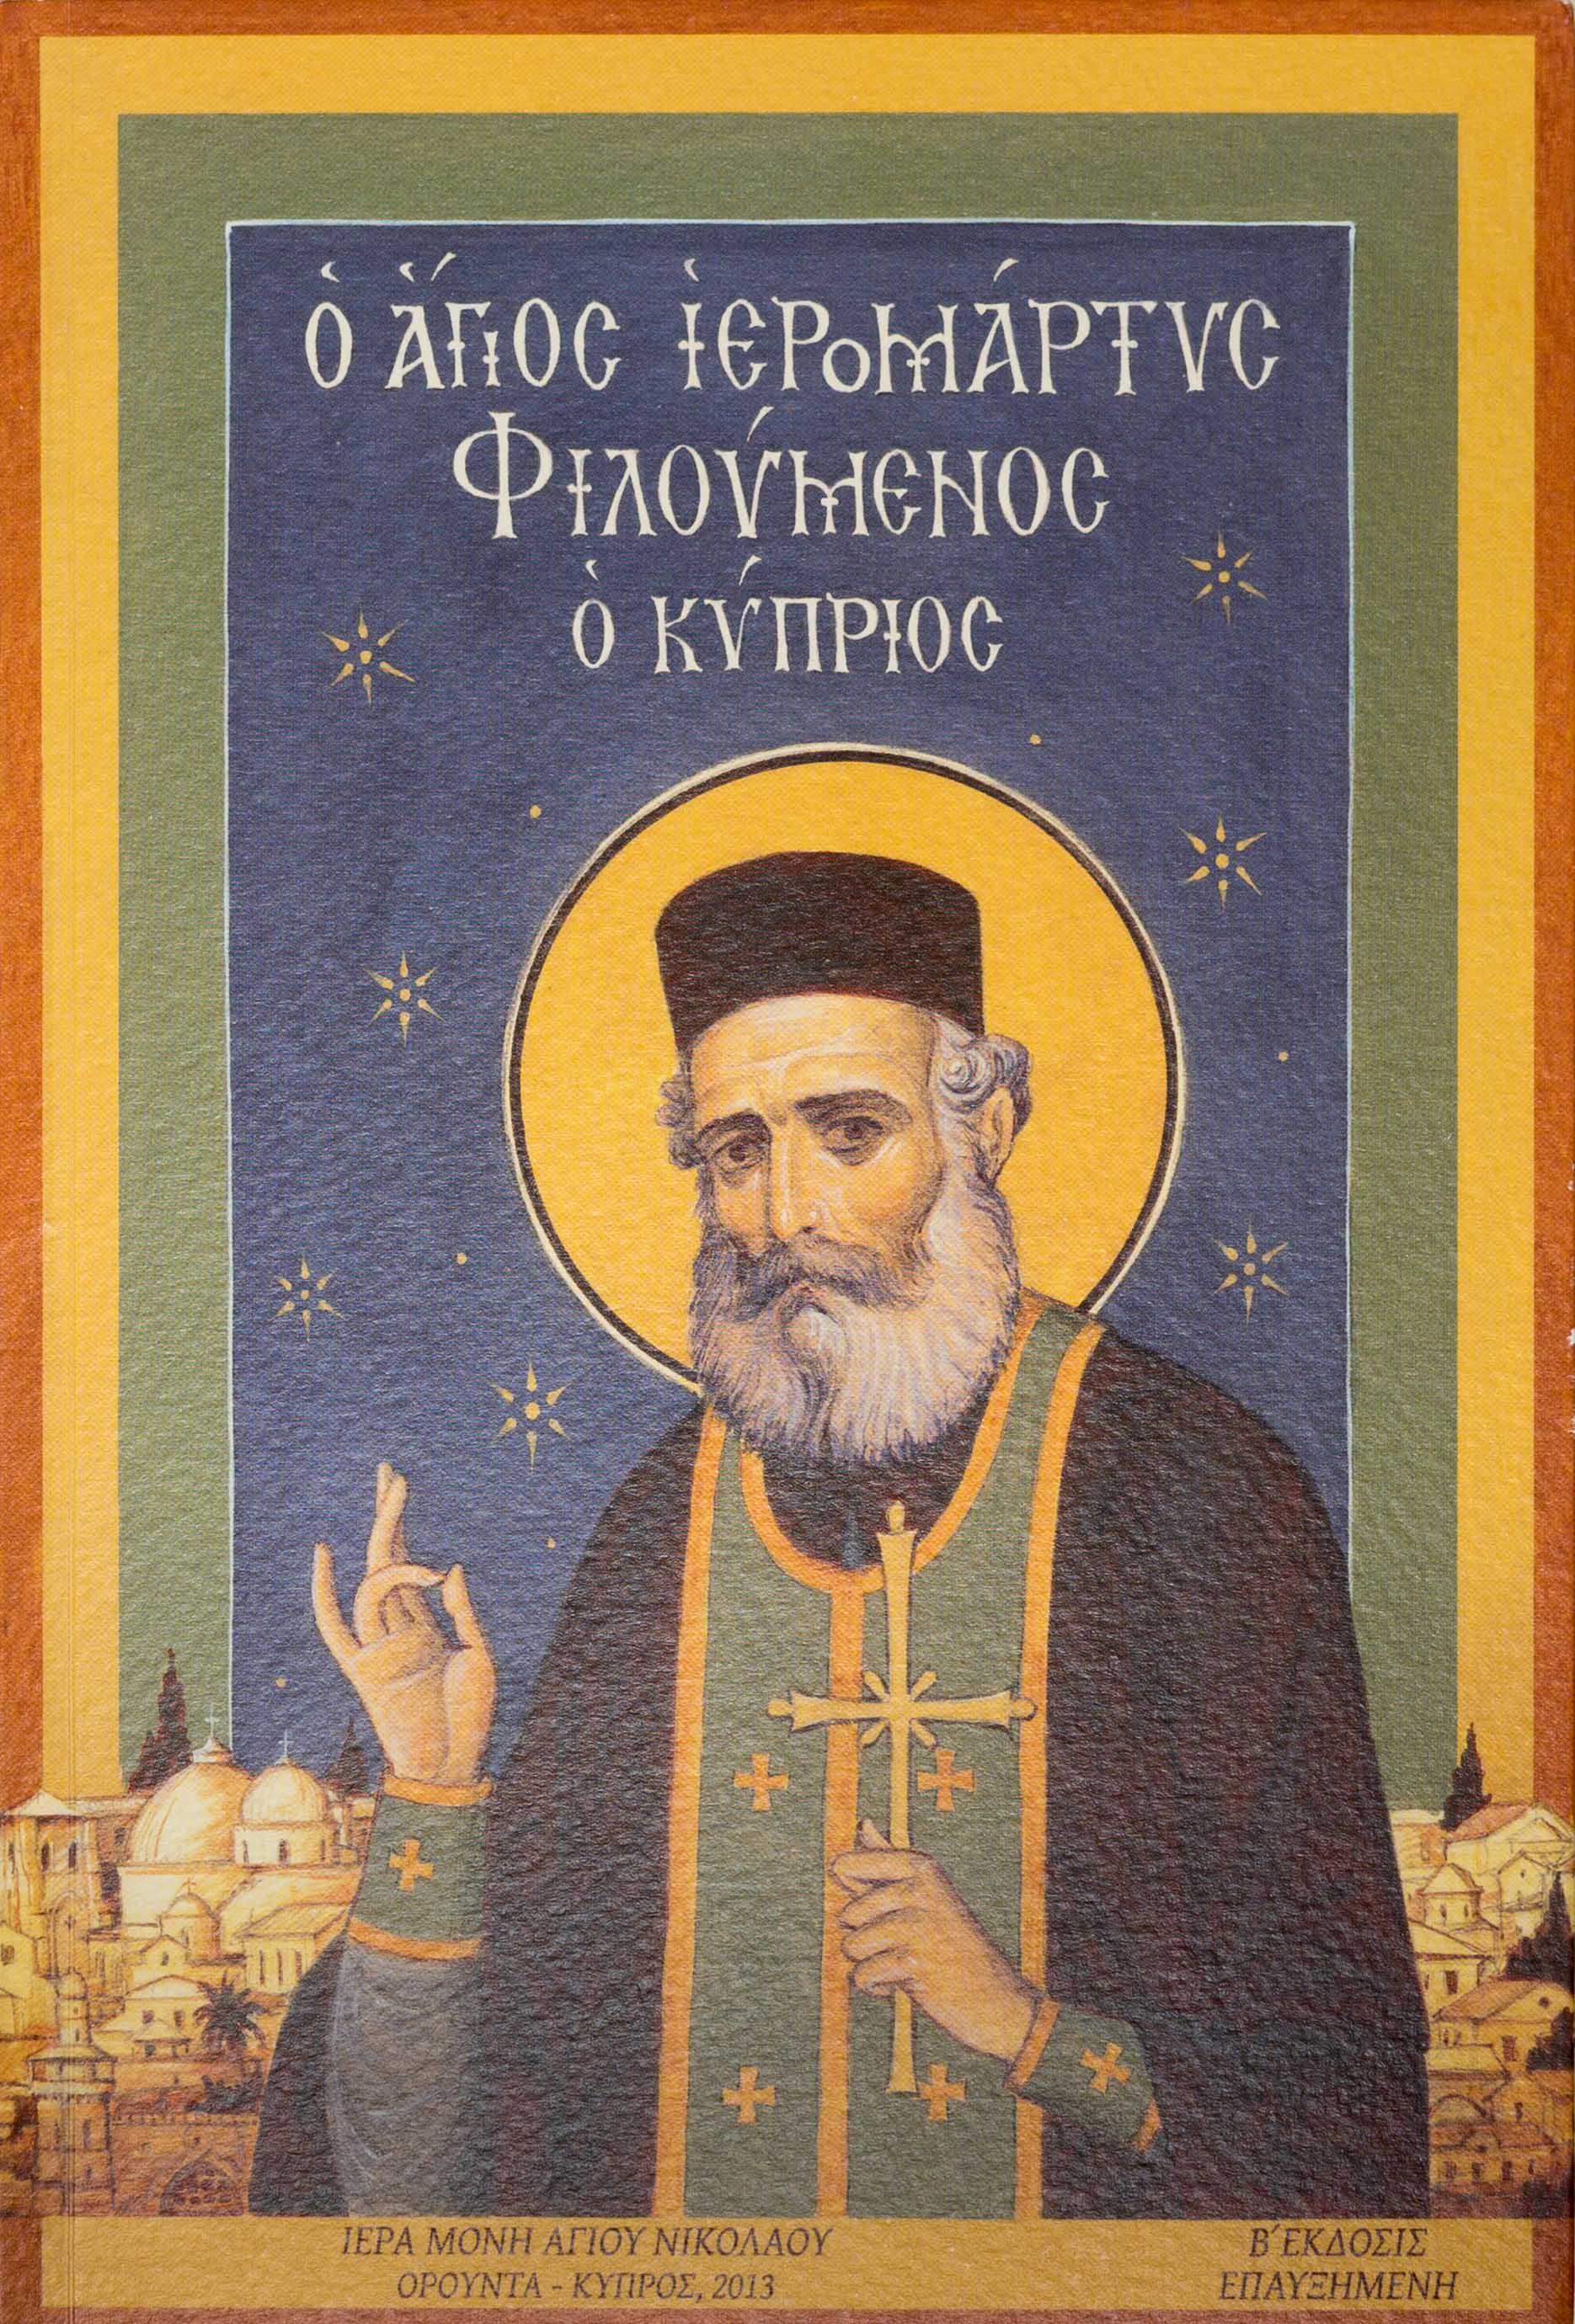 Ο Αγιος Ιερομάρτυς Φιλούμενος ό Κύπριος          OUT OF PRINT